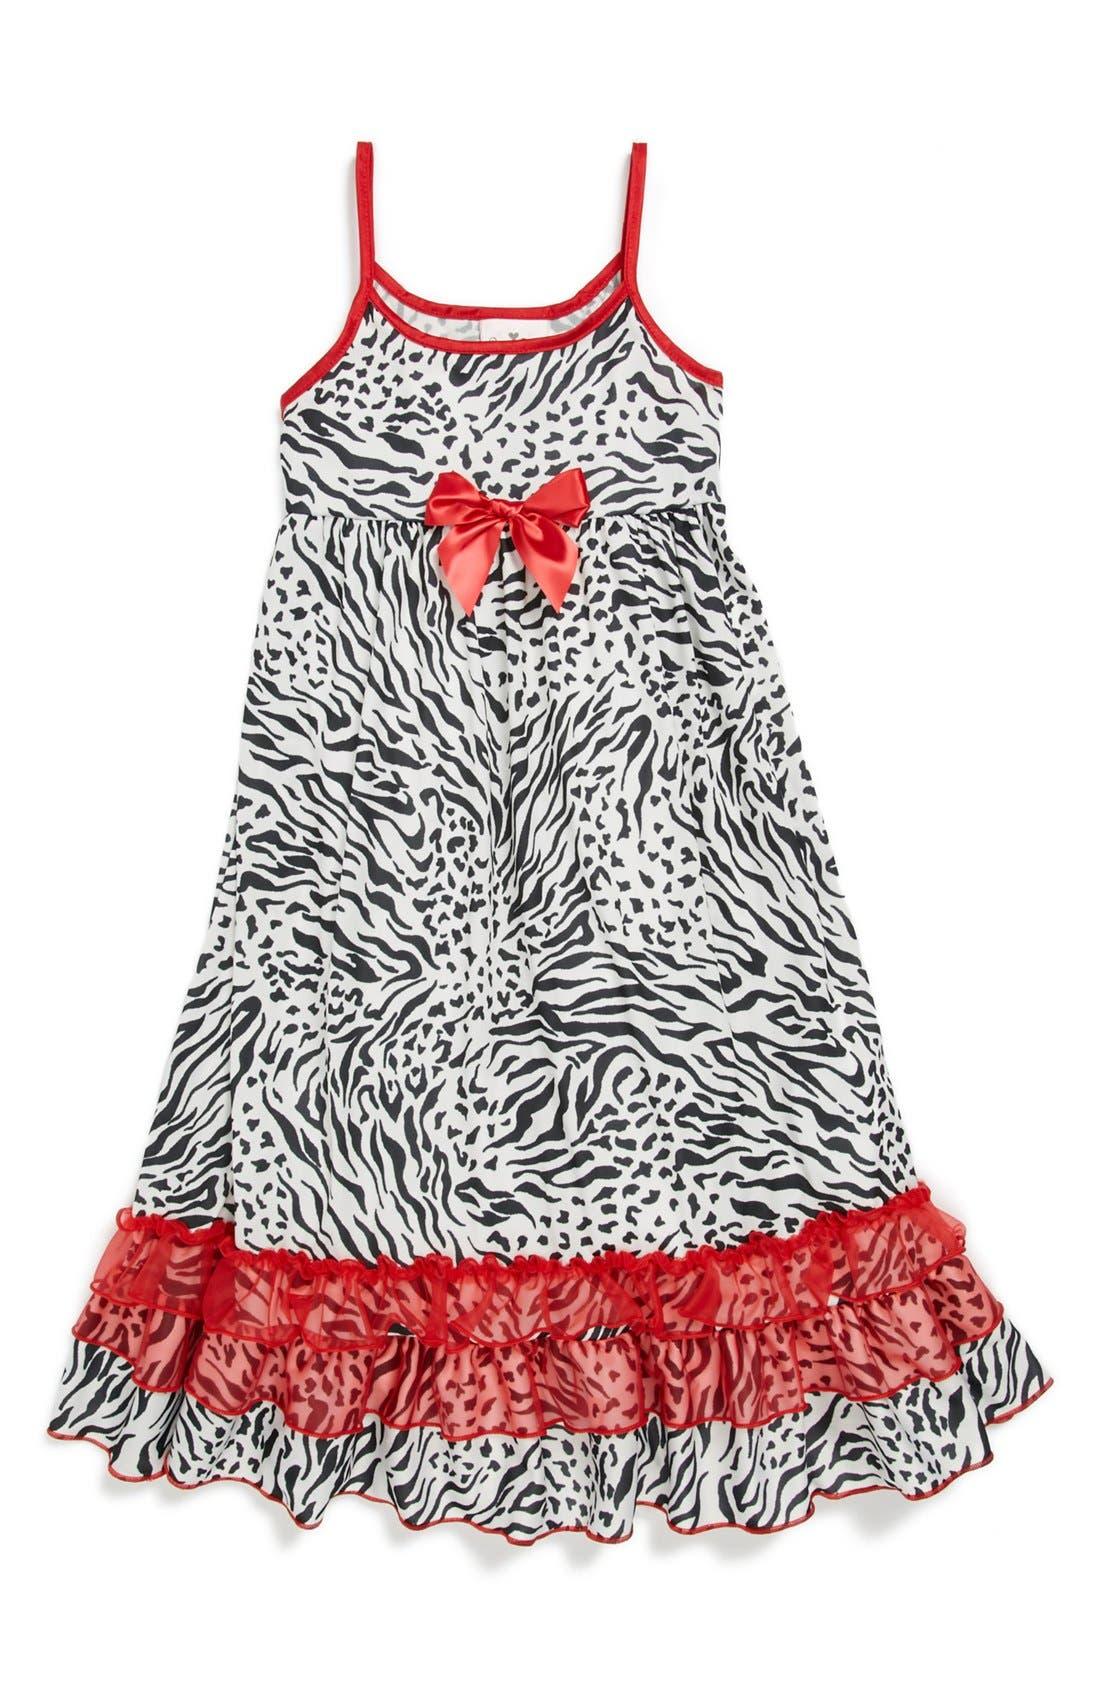 Main Image - Laura Dare Spaghetti Strap Nightgown (Little Girls)